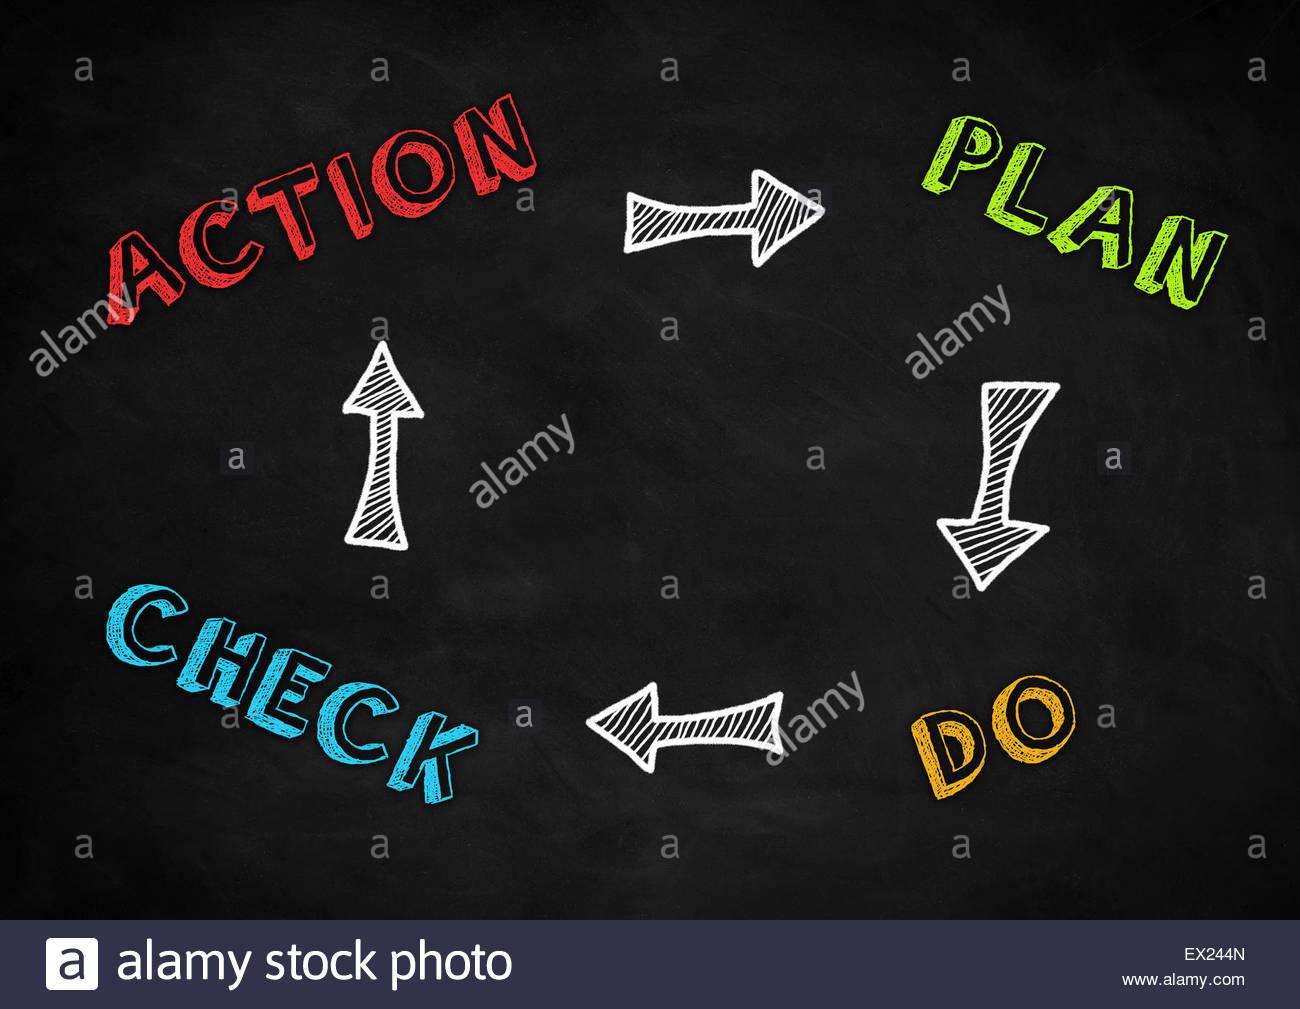 Plan d'action faire vérifier concept cercle Photo Stock